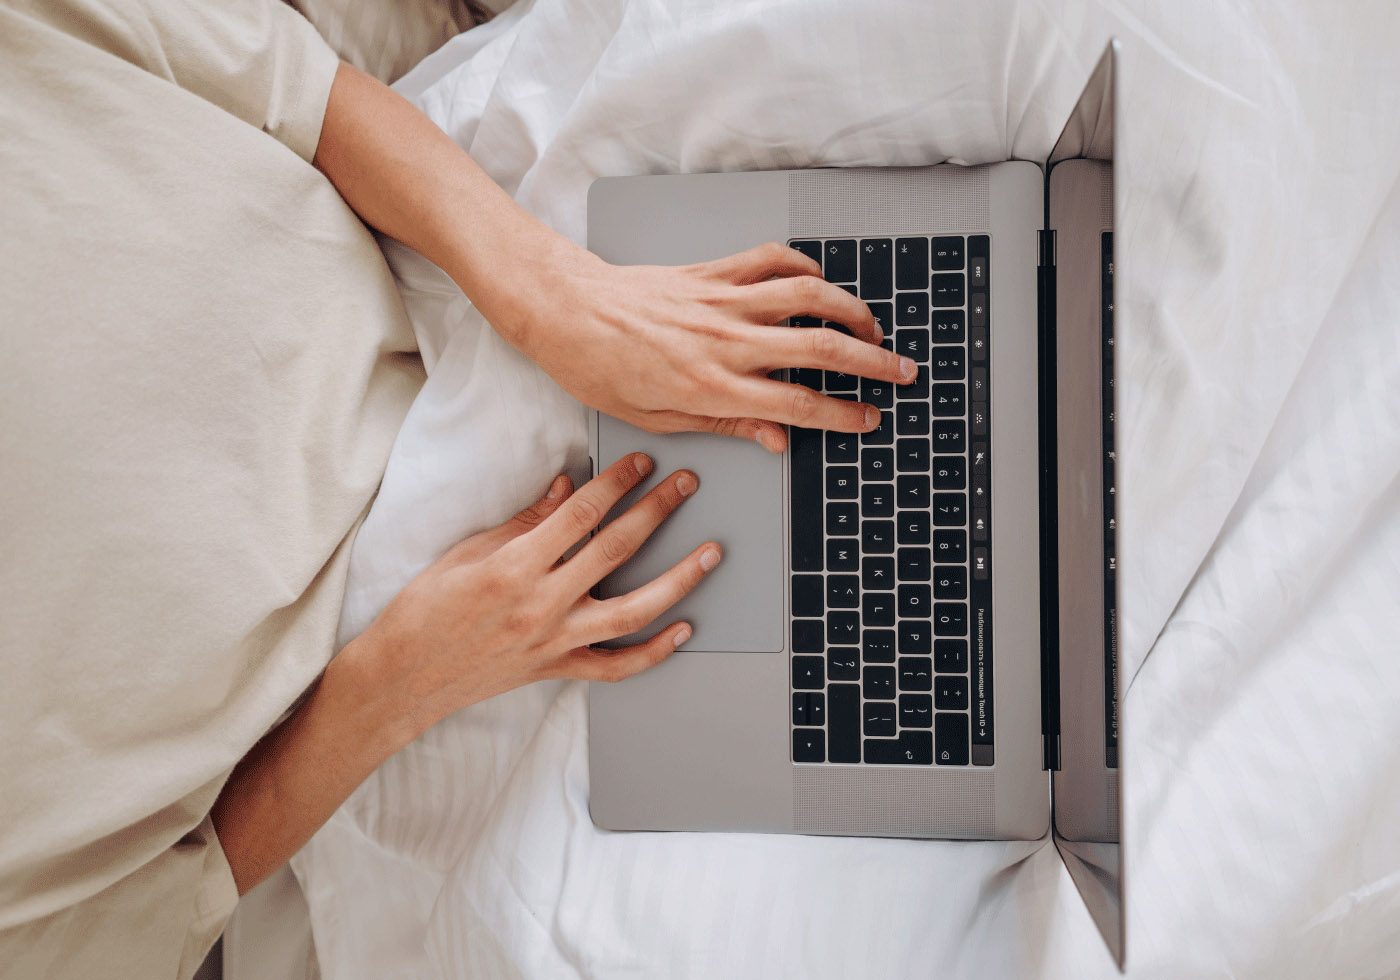 Notebook Benutzung in hochwertiger Bettwäsche